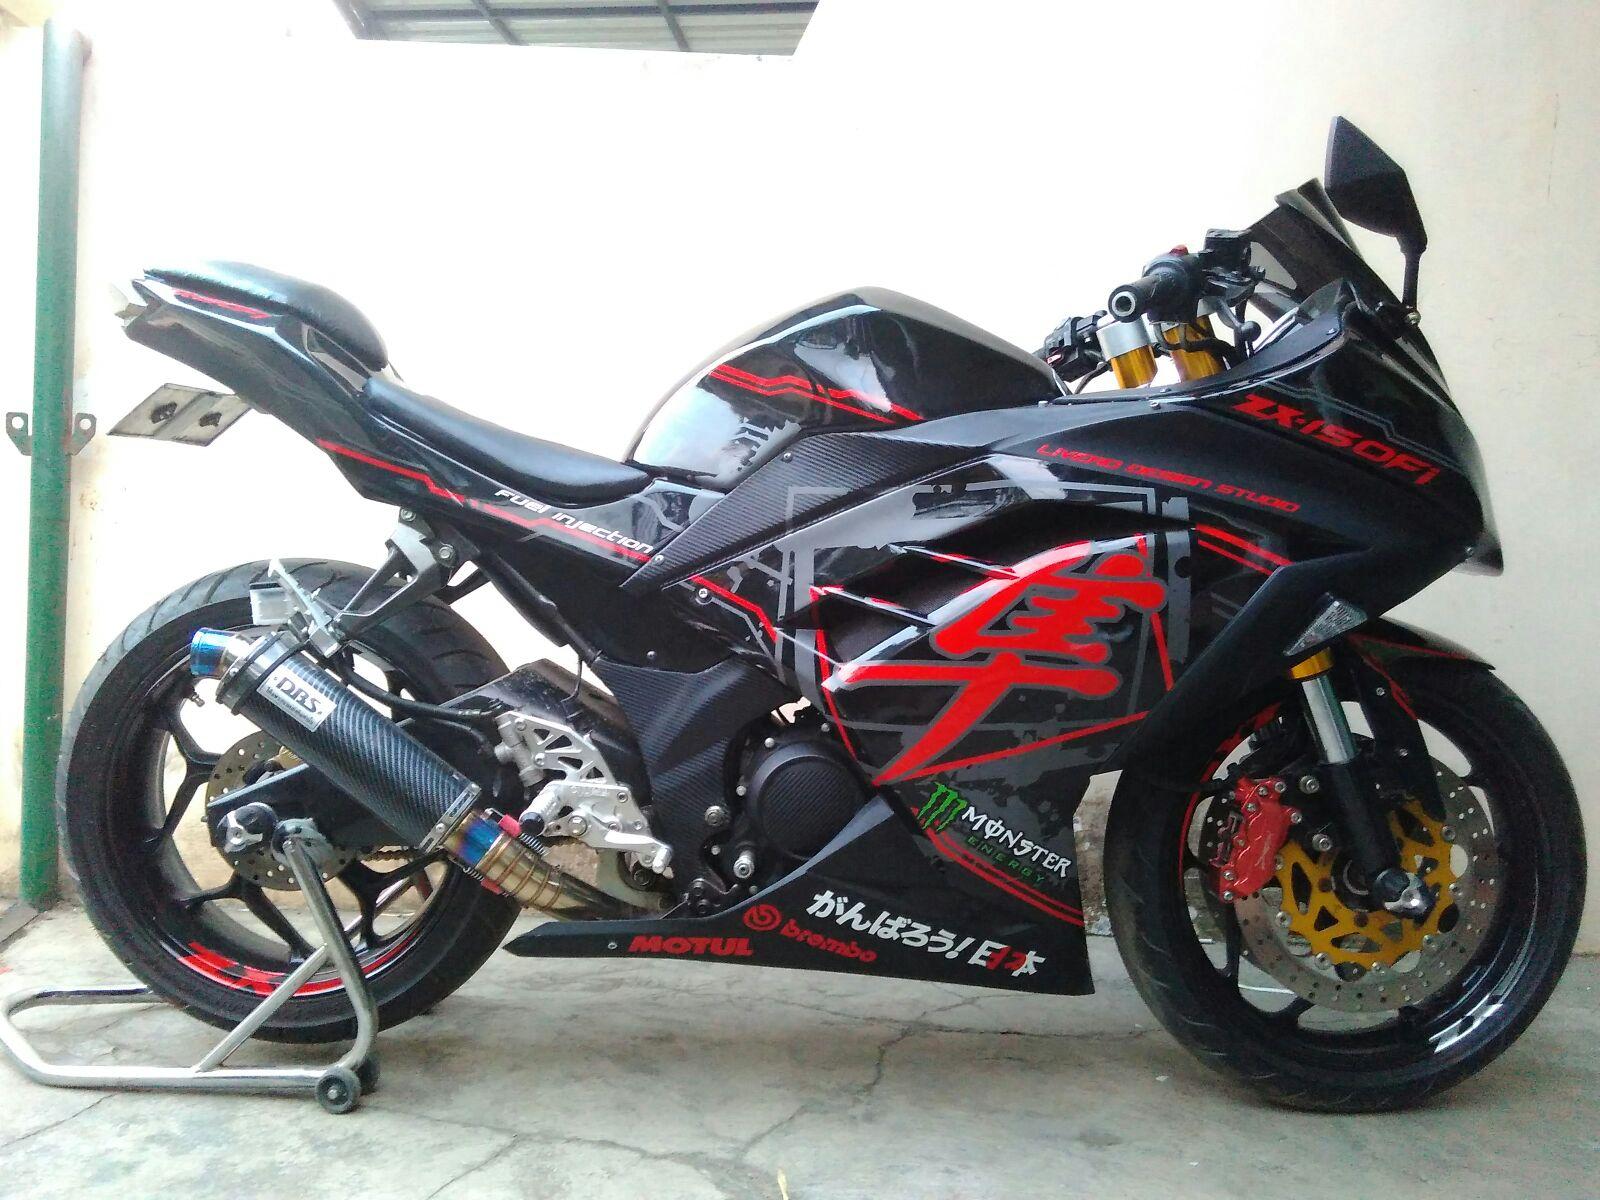 100 Biaya Modifikasi Vixion Jadi Ninja 250 Modifikasi Motor